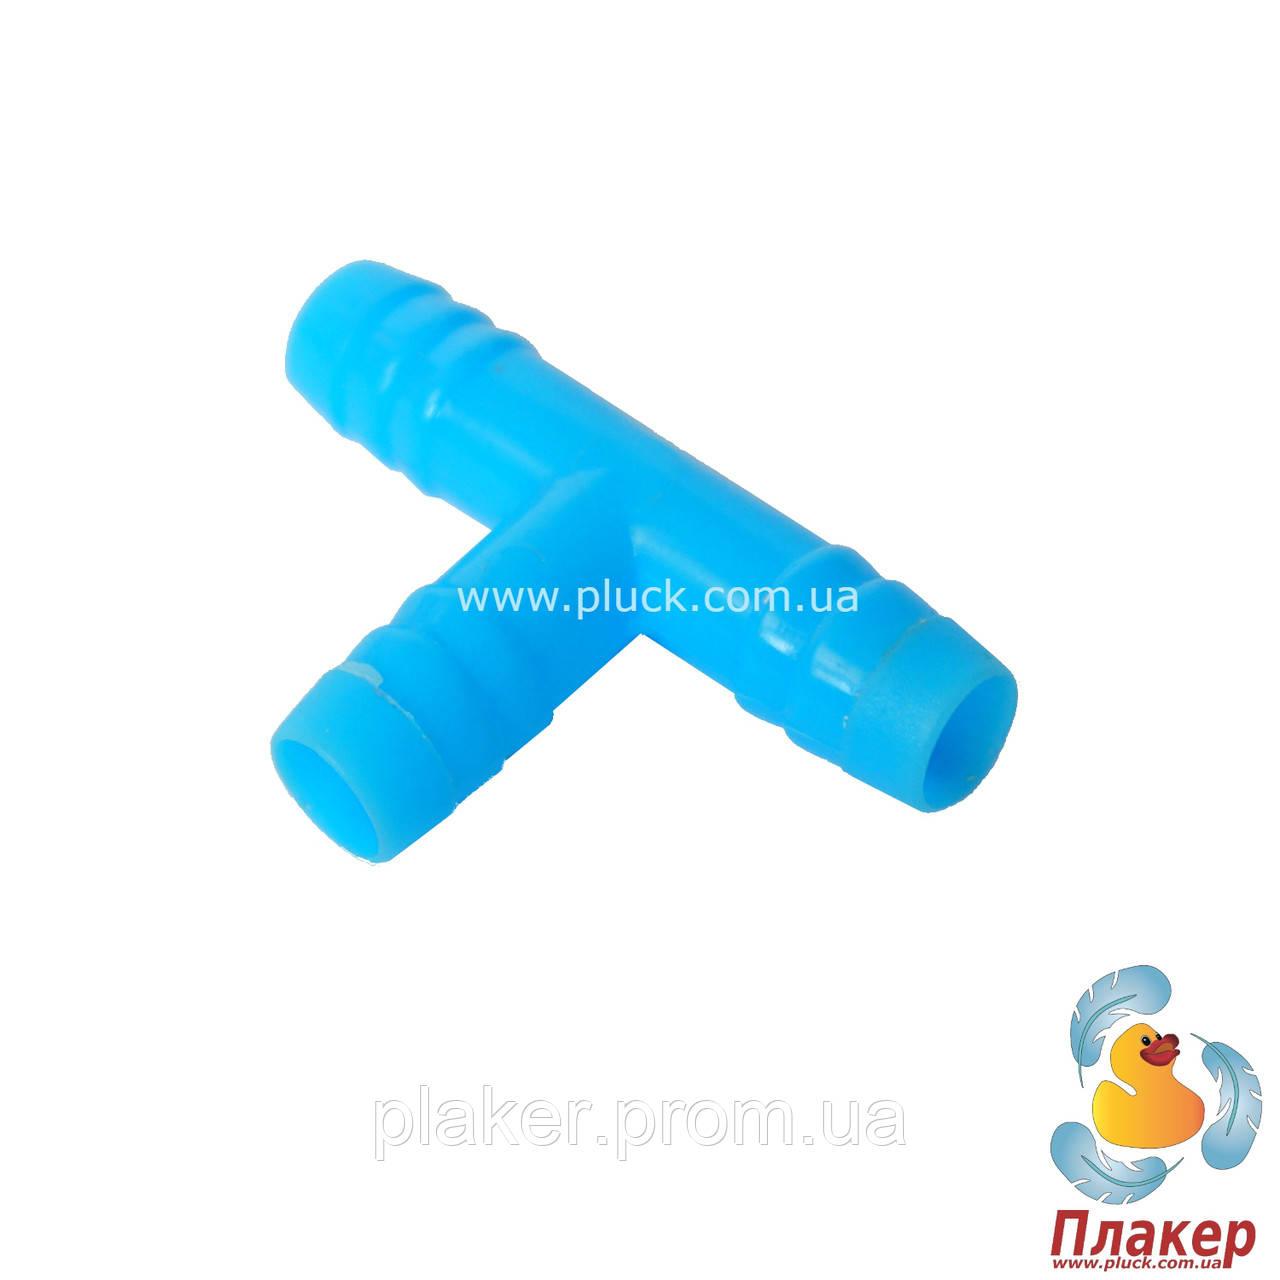 Тройник под шланг 8 мм пластик